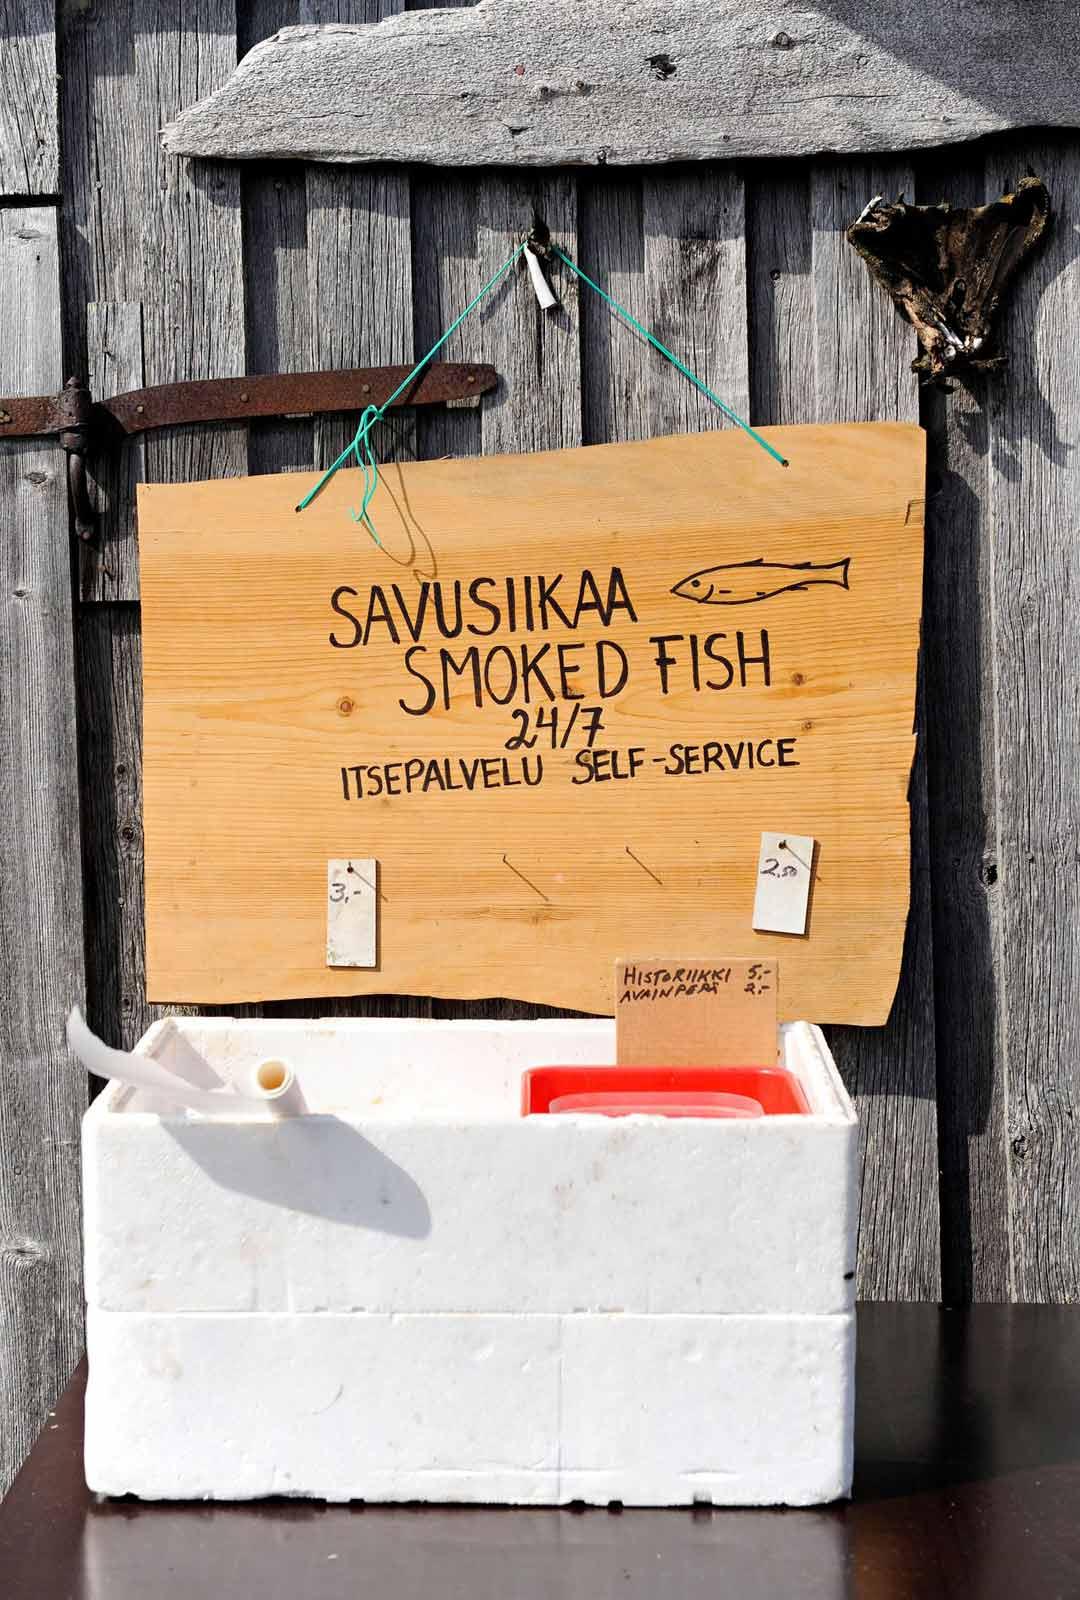 Päiväpurjehduksella vierailevat voivat herkutella kalastaja Pasi Pääkkösen savusiioilla.